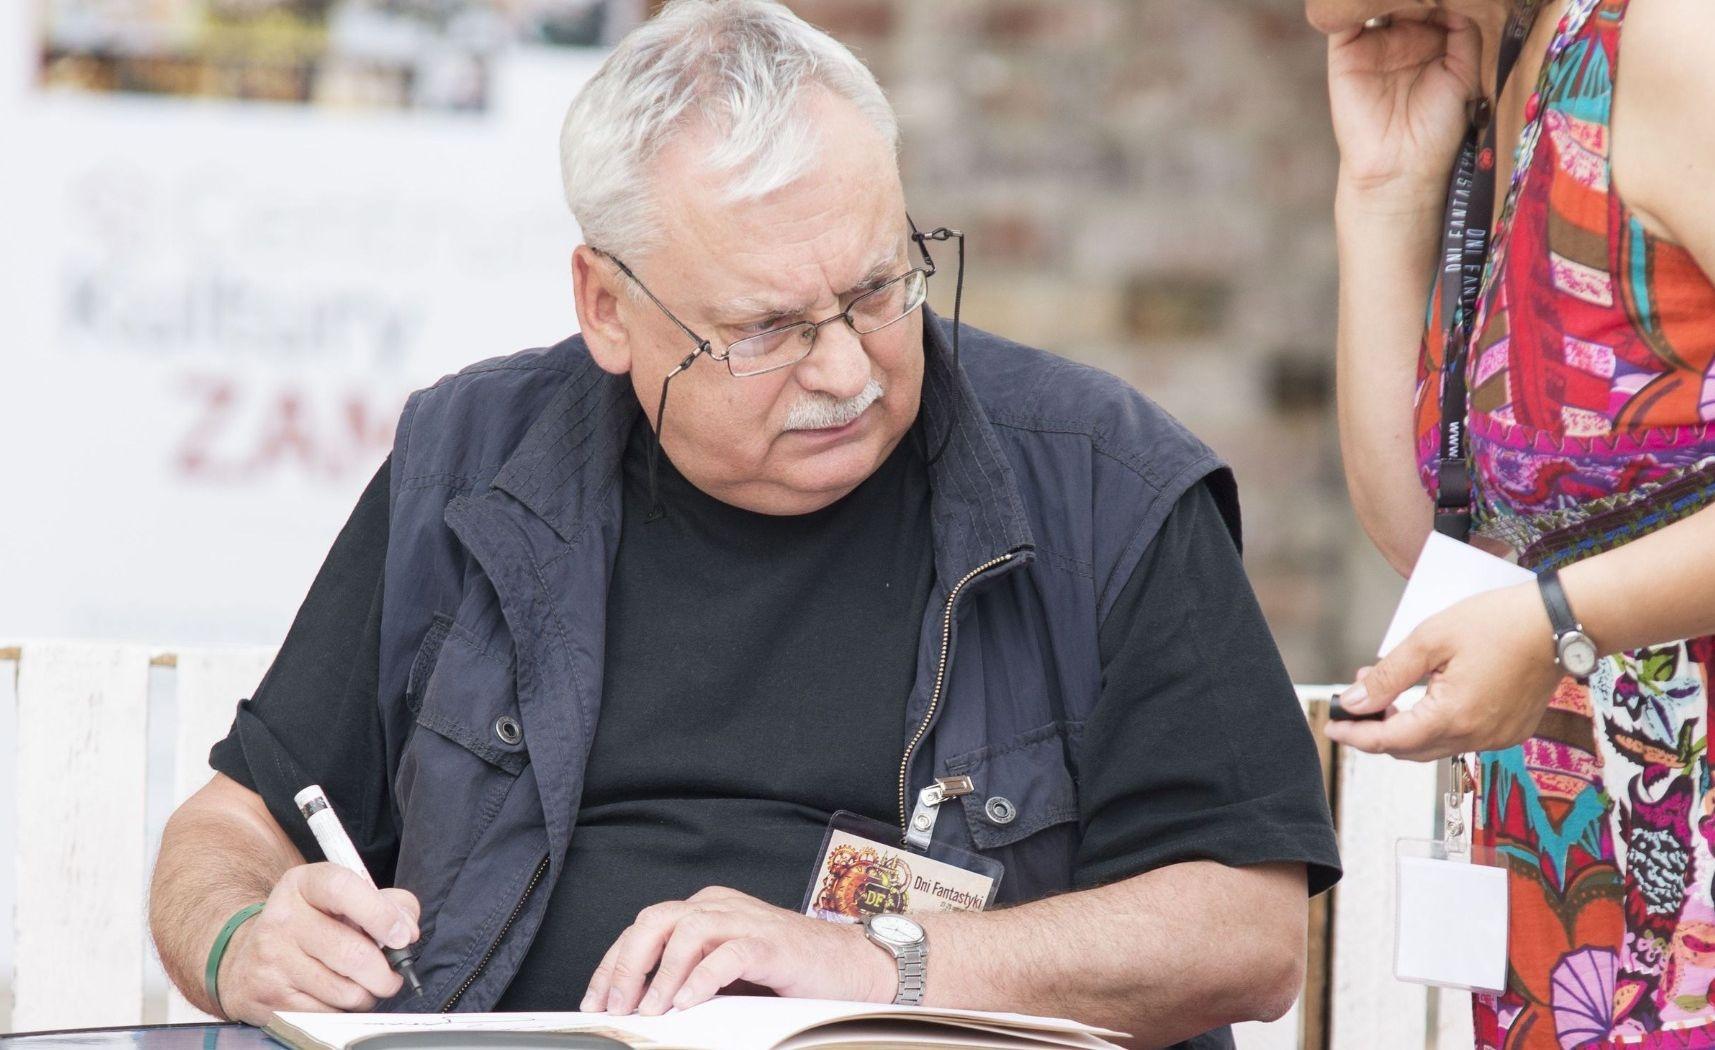 Анджей Сапковский не любит работать и не собирается критиковать сериал «Ведьмак»